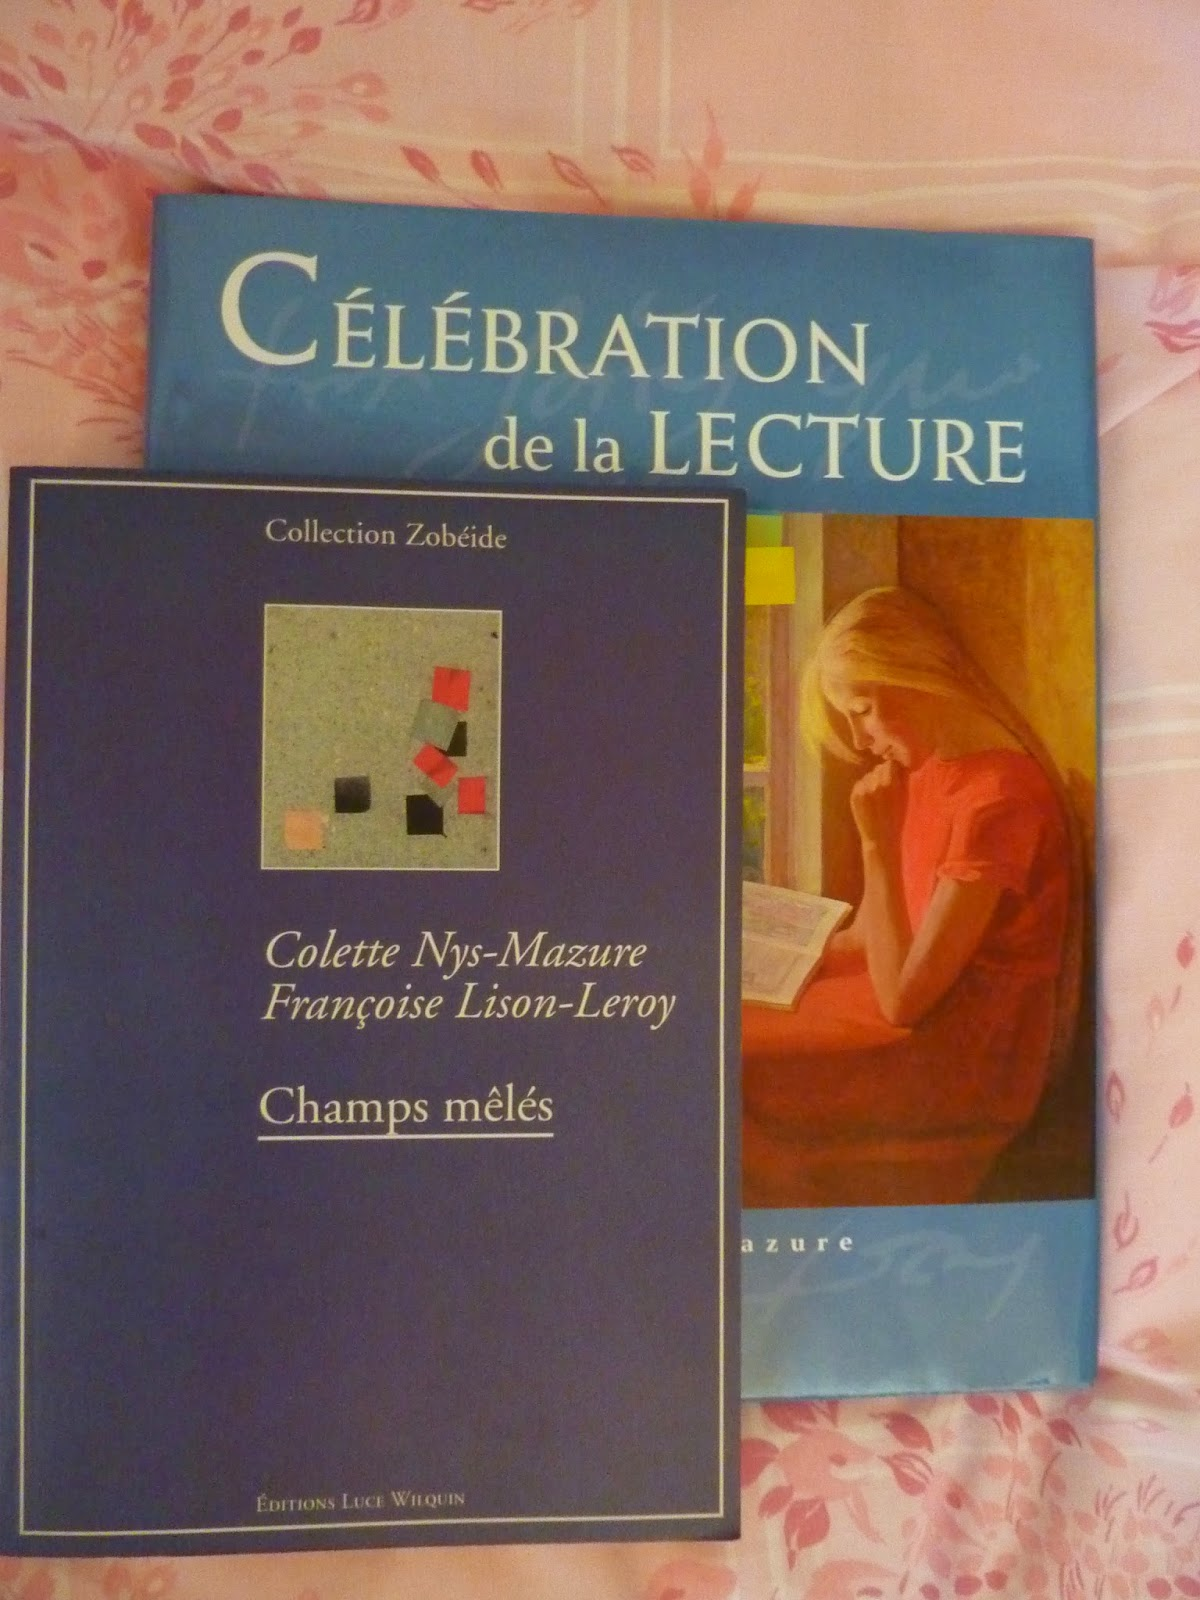 Champs mêlés - Colette Nys-Mazure et Françoise Lison-Leroy